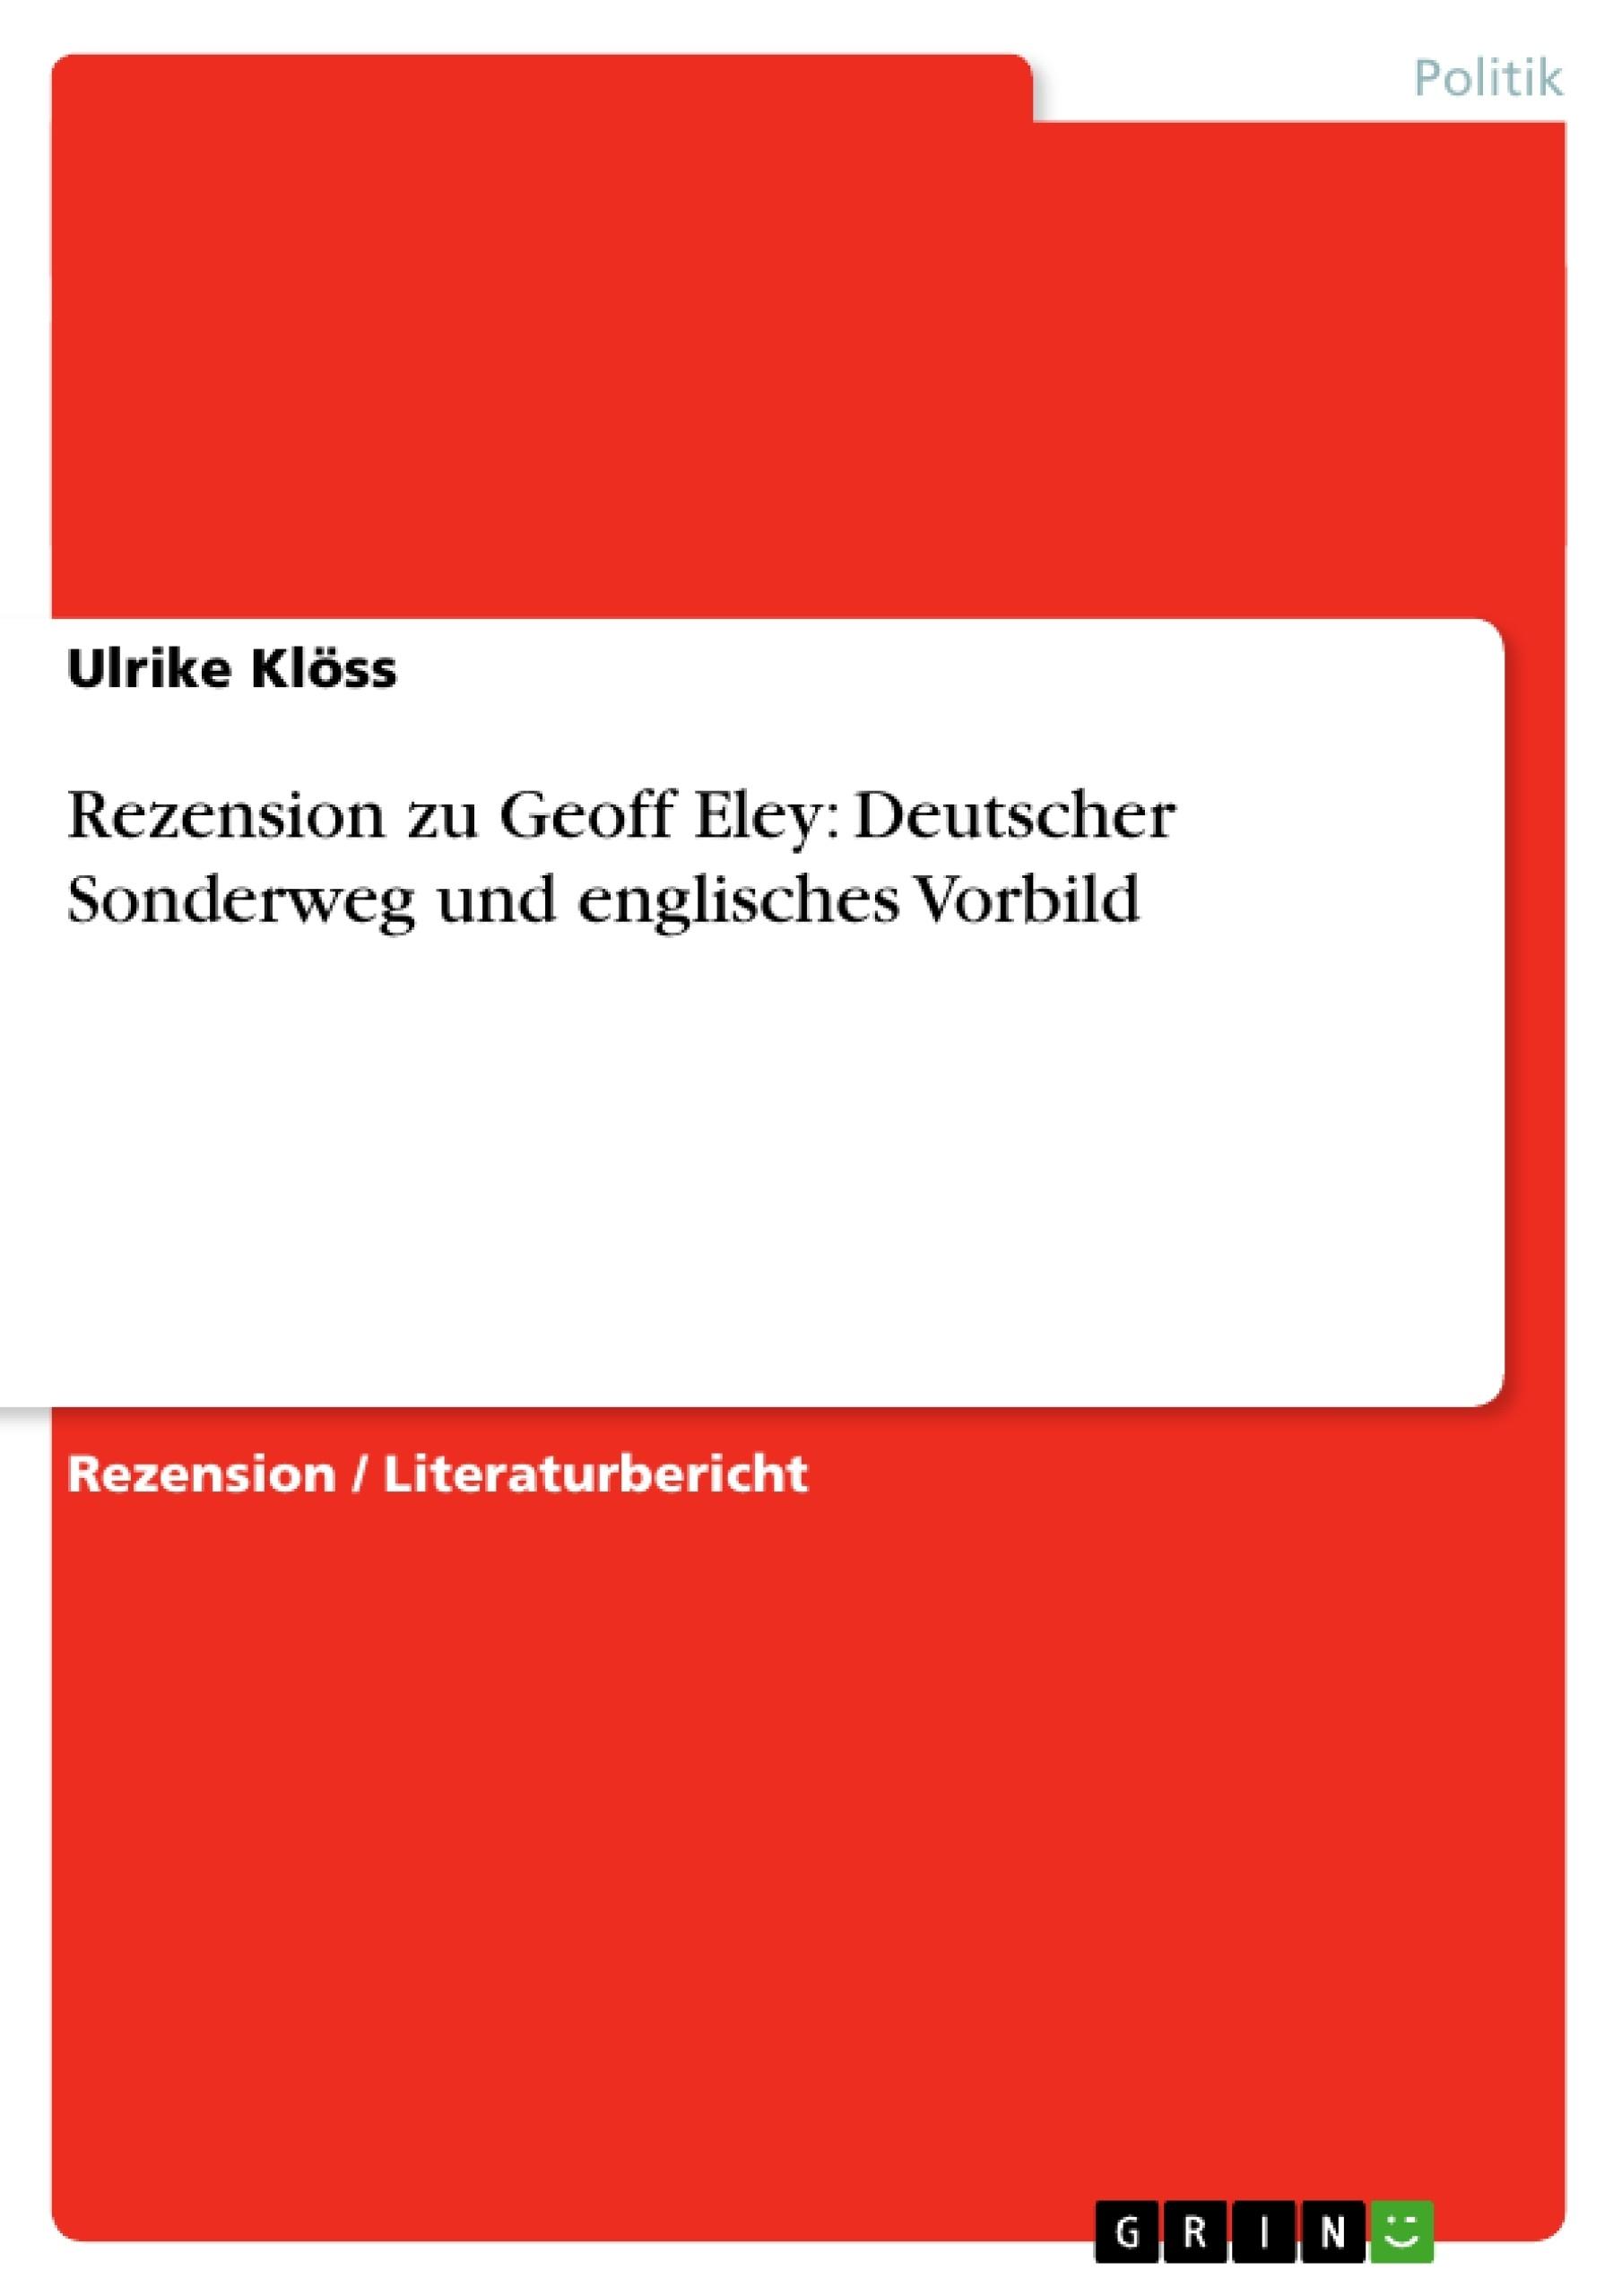 Titel: Rezension zu Geoff Eley: Deutscher Sonderweg und englisches Vorbild